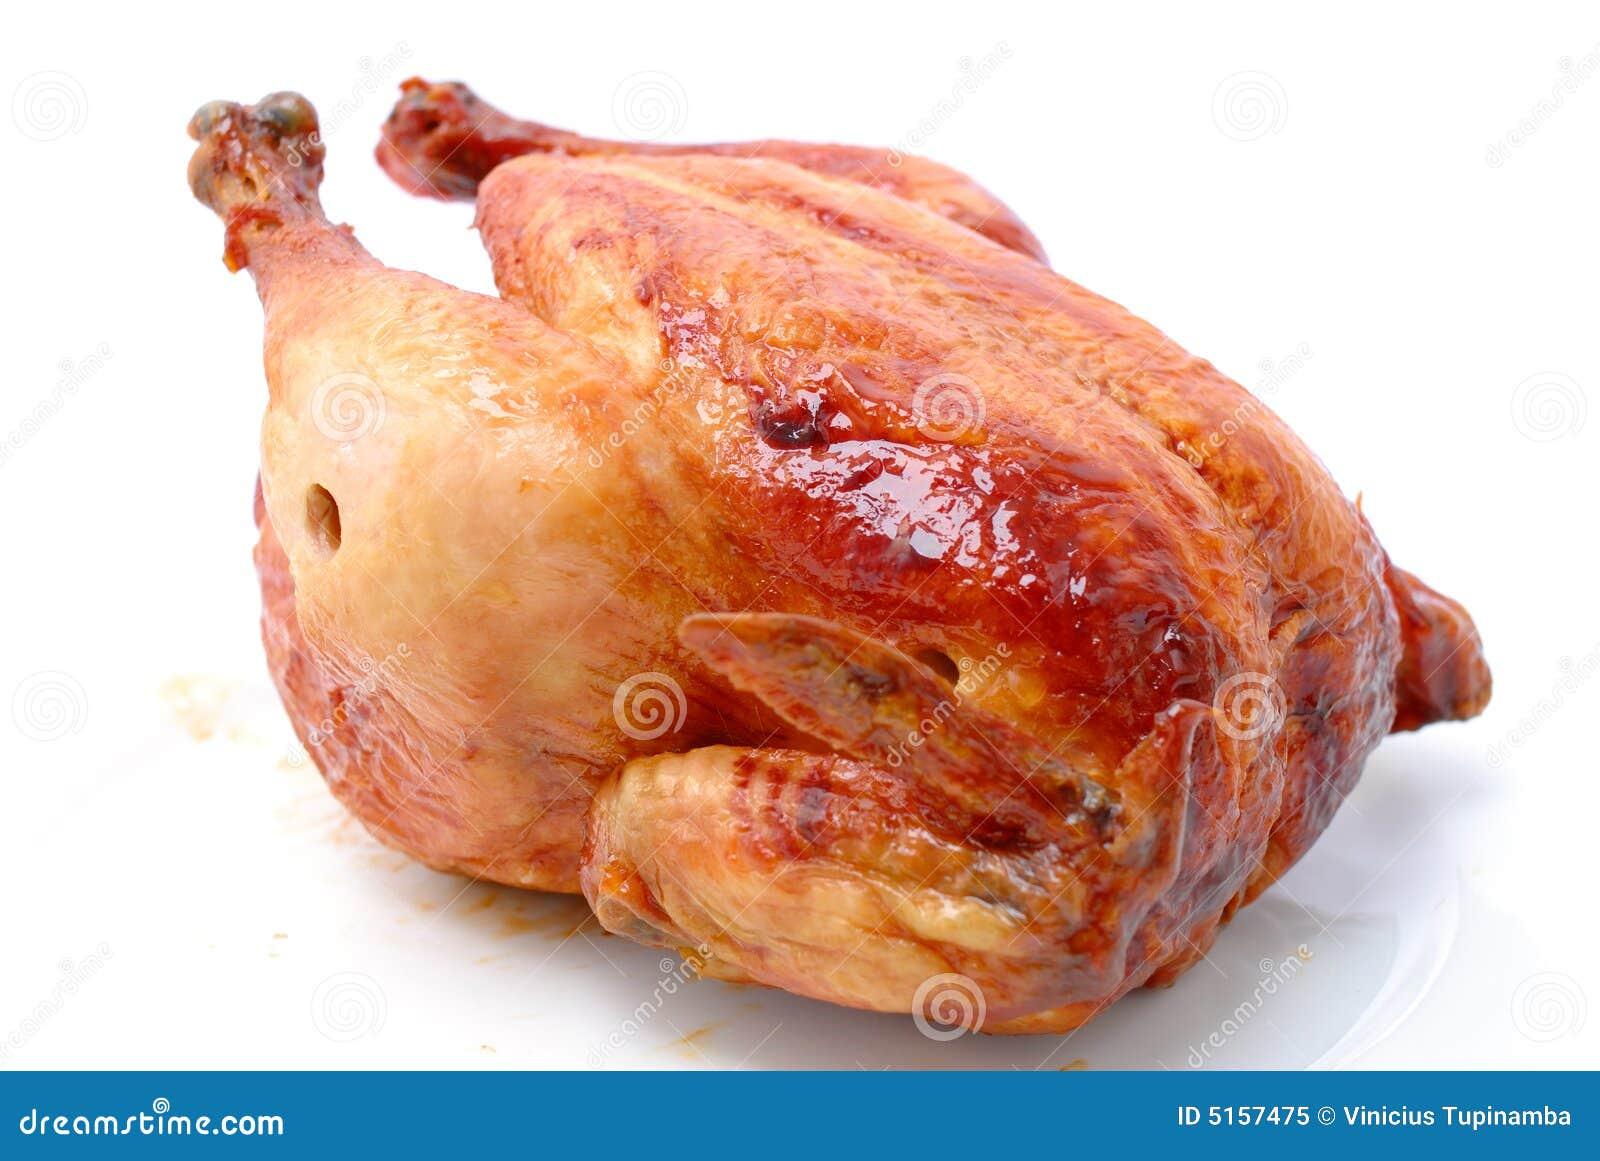 Knusperiges Braten-Huhn